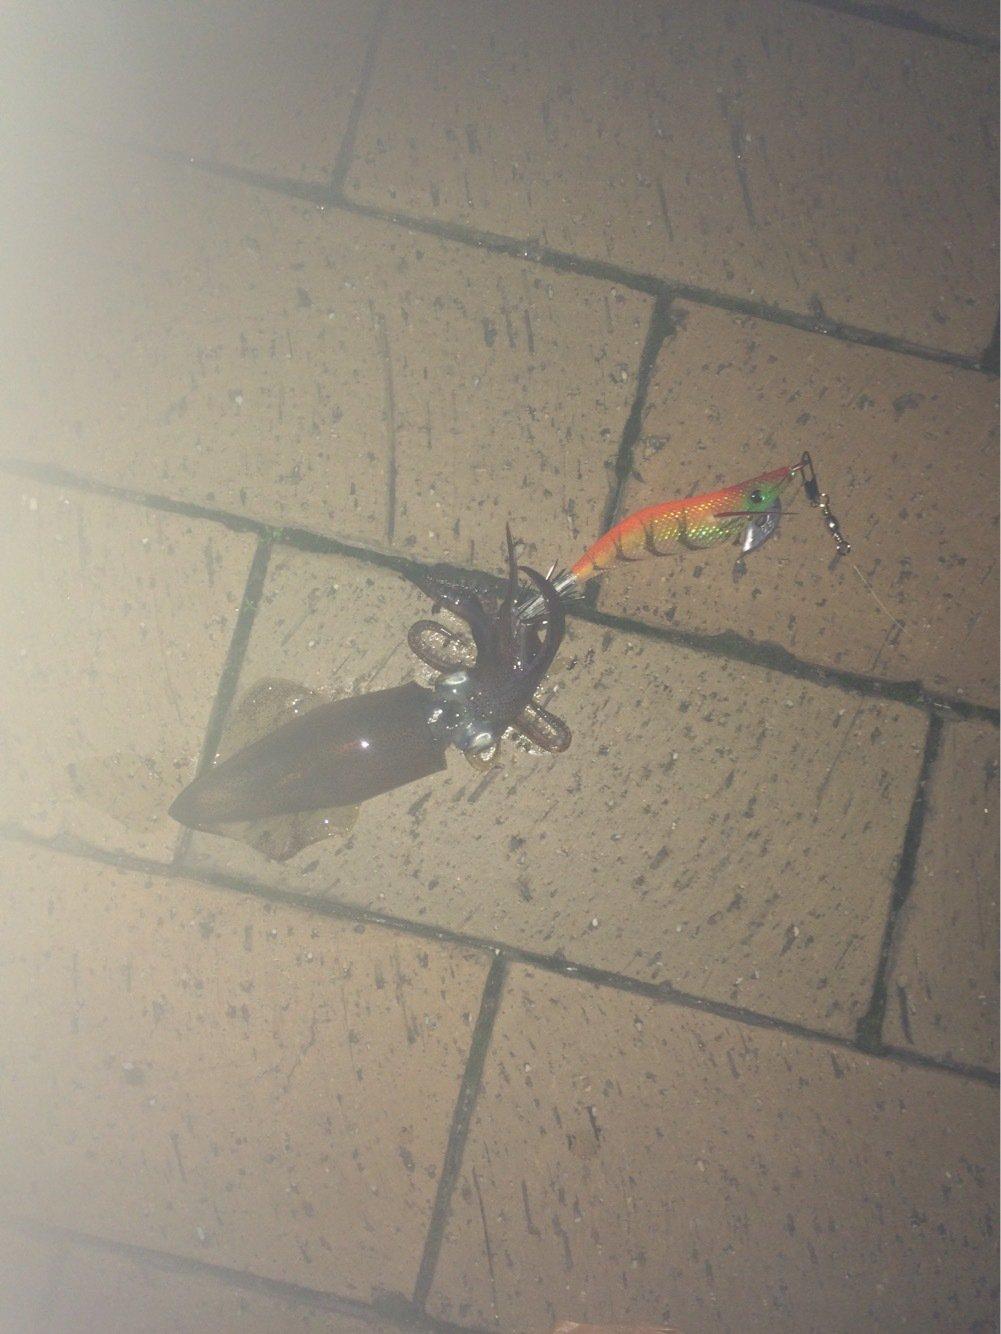 co21(コニー)さんの投稿画像,写っている魚はジンドウイカ